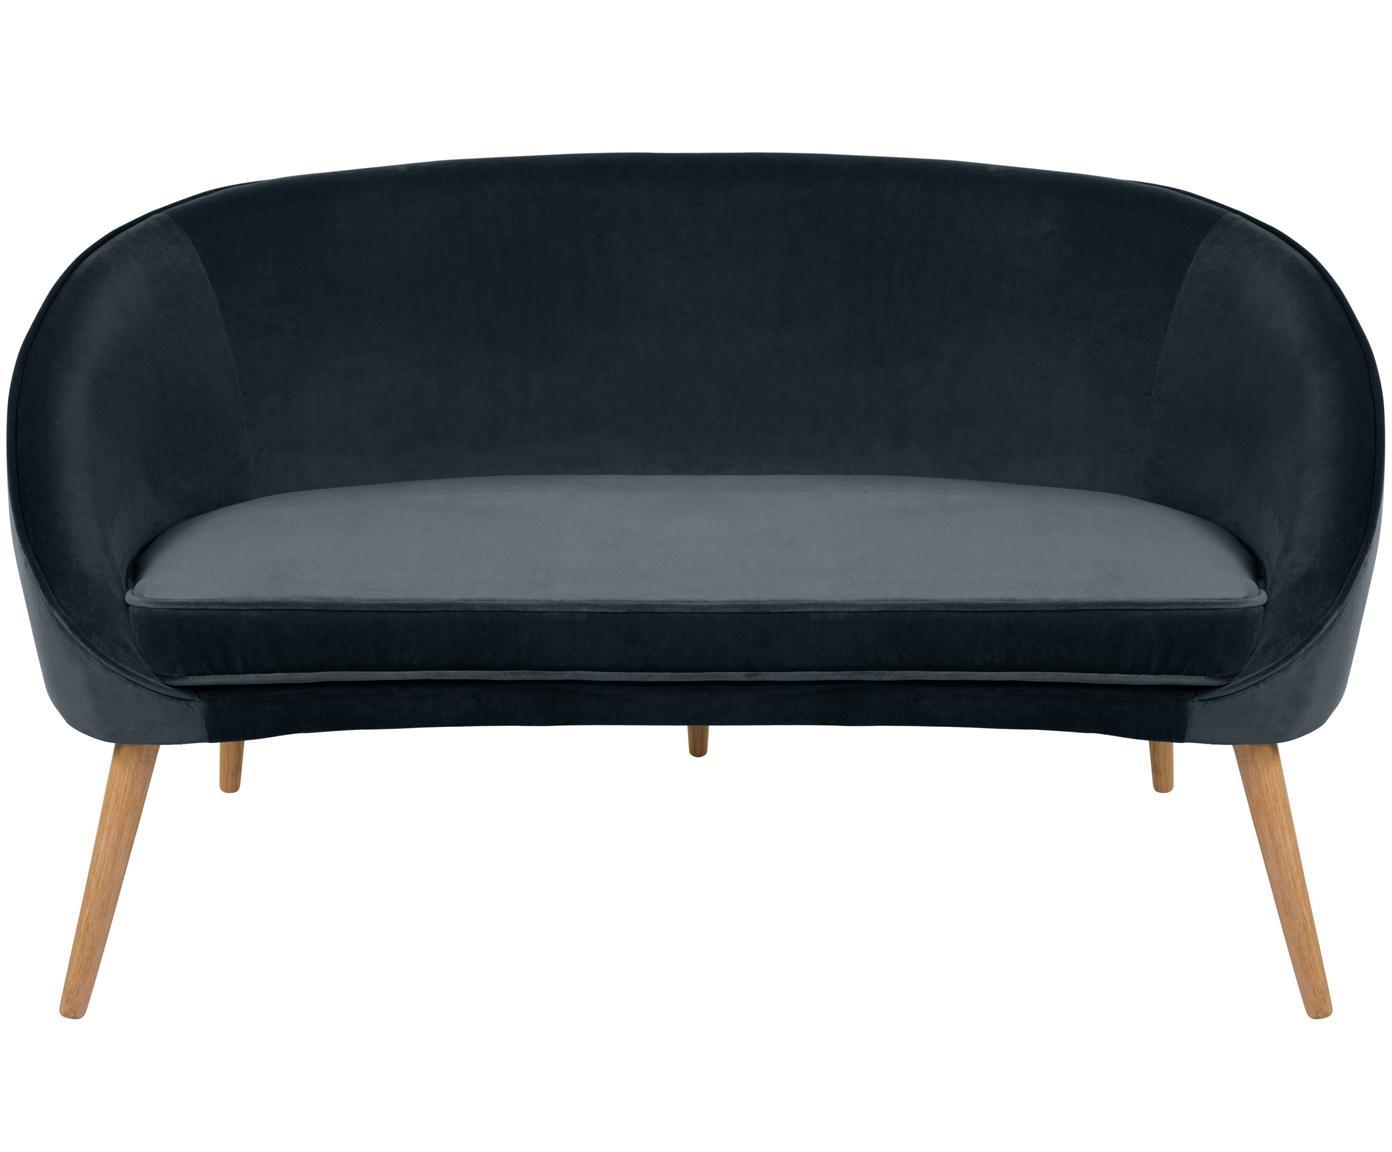 Samt-Sofa Safir (2-Sitzer), Bezug: Polyestersamt 50.000 Sche, Beine: Walnussbaumholz, gebeizt, Samt Dunkelgrau, B 136 x T 66 cm